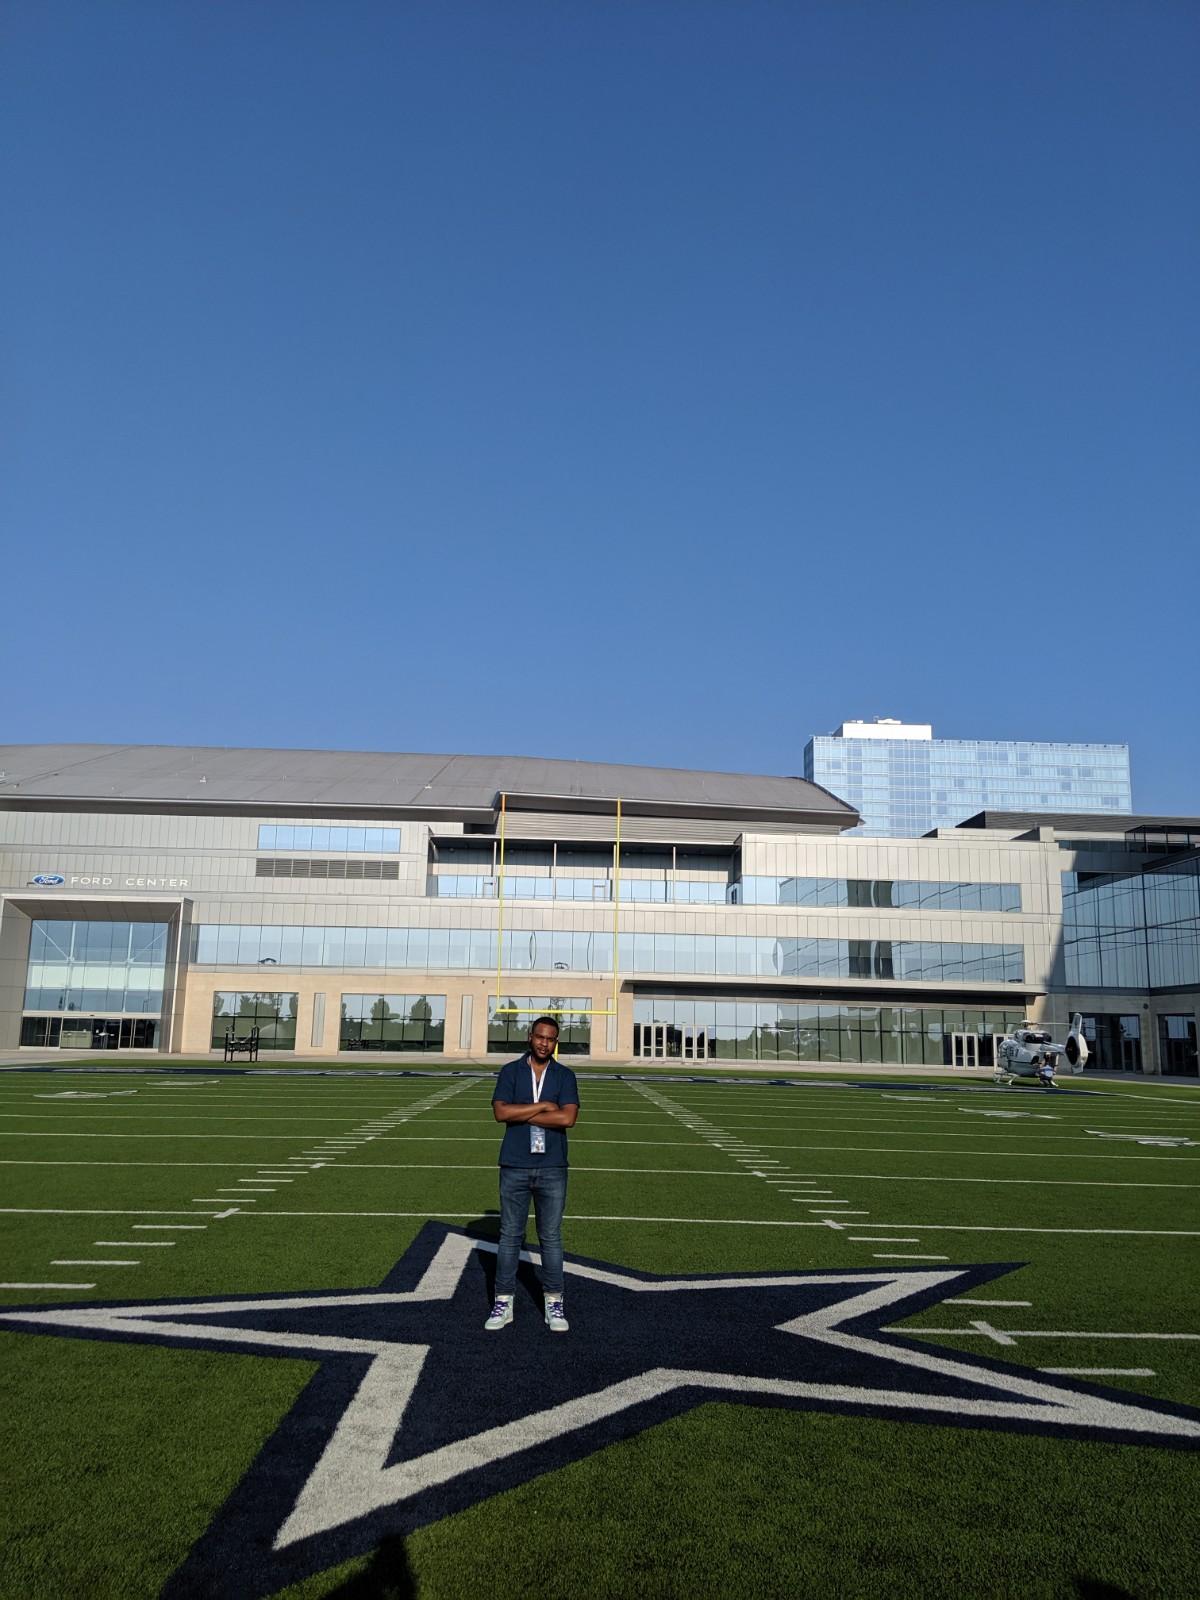 Visiting The Star: Dallas Cowboys Training Facility & HQ